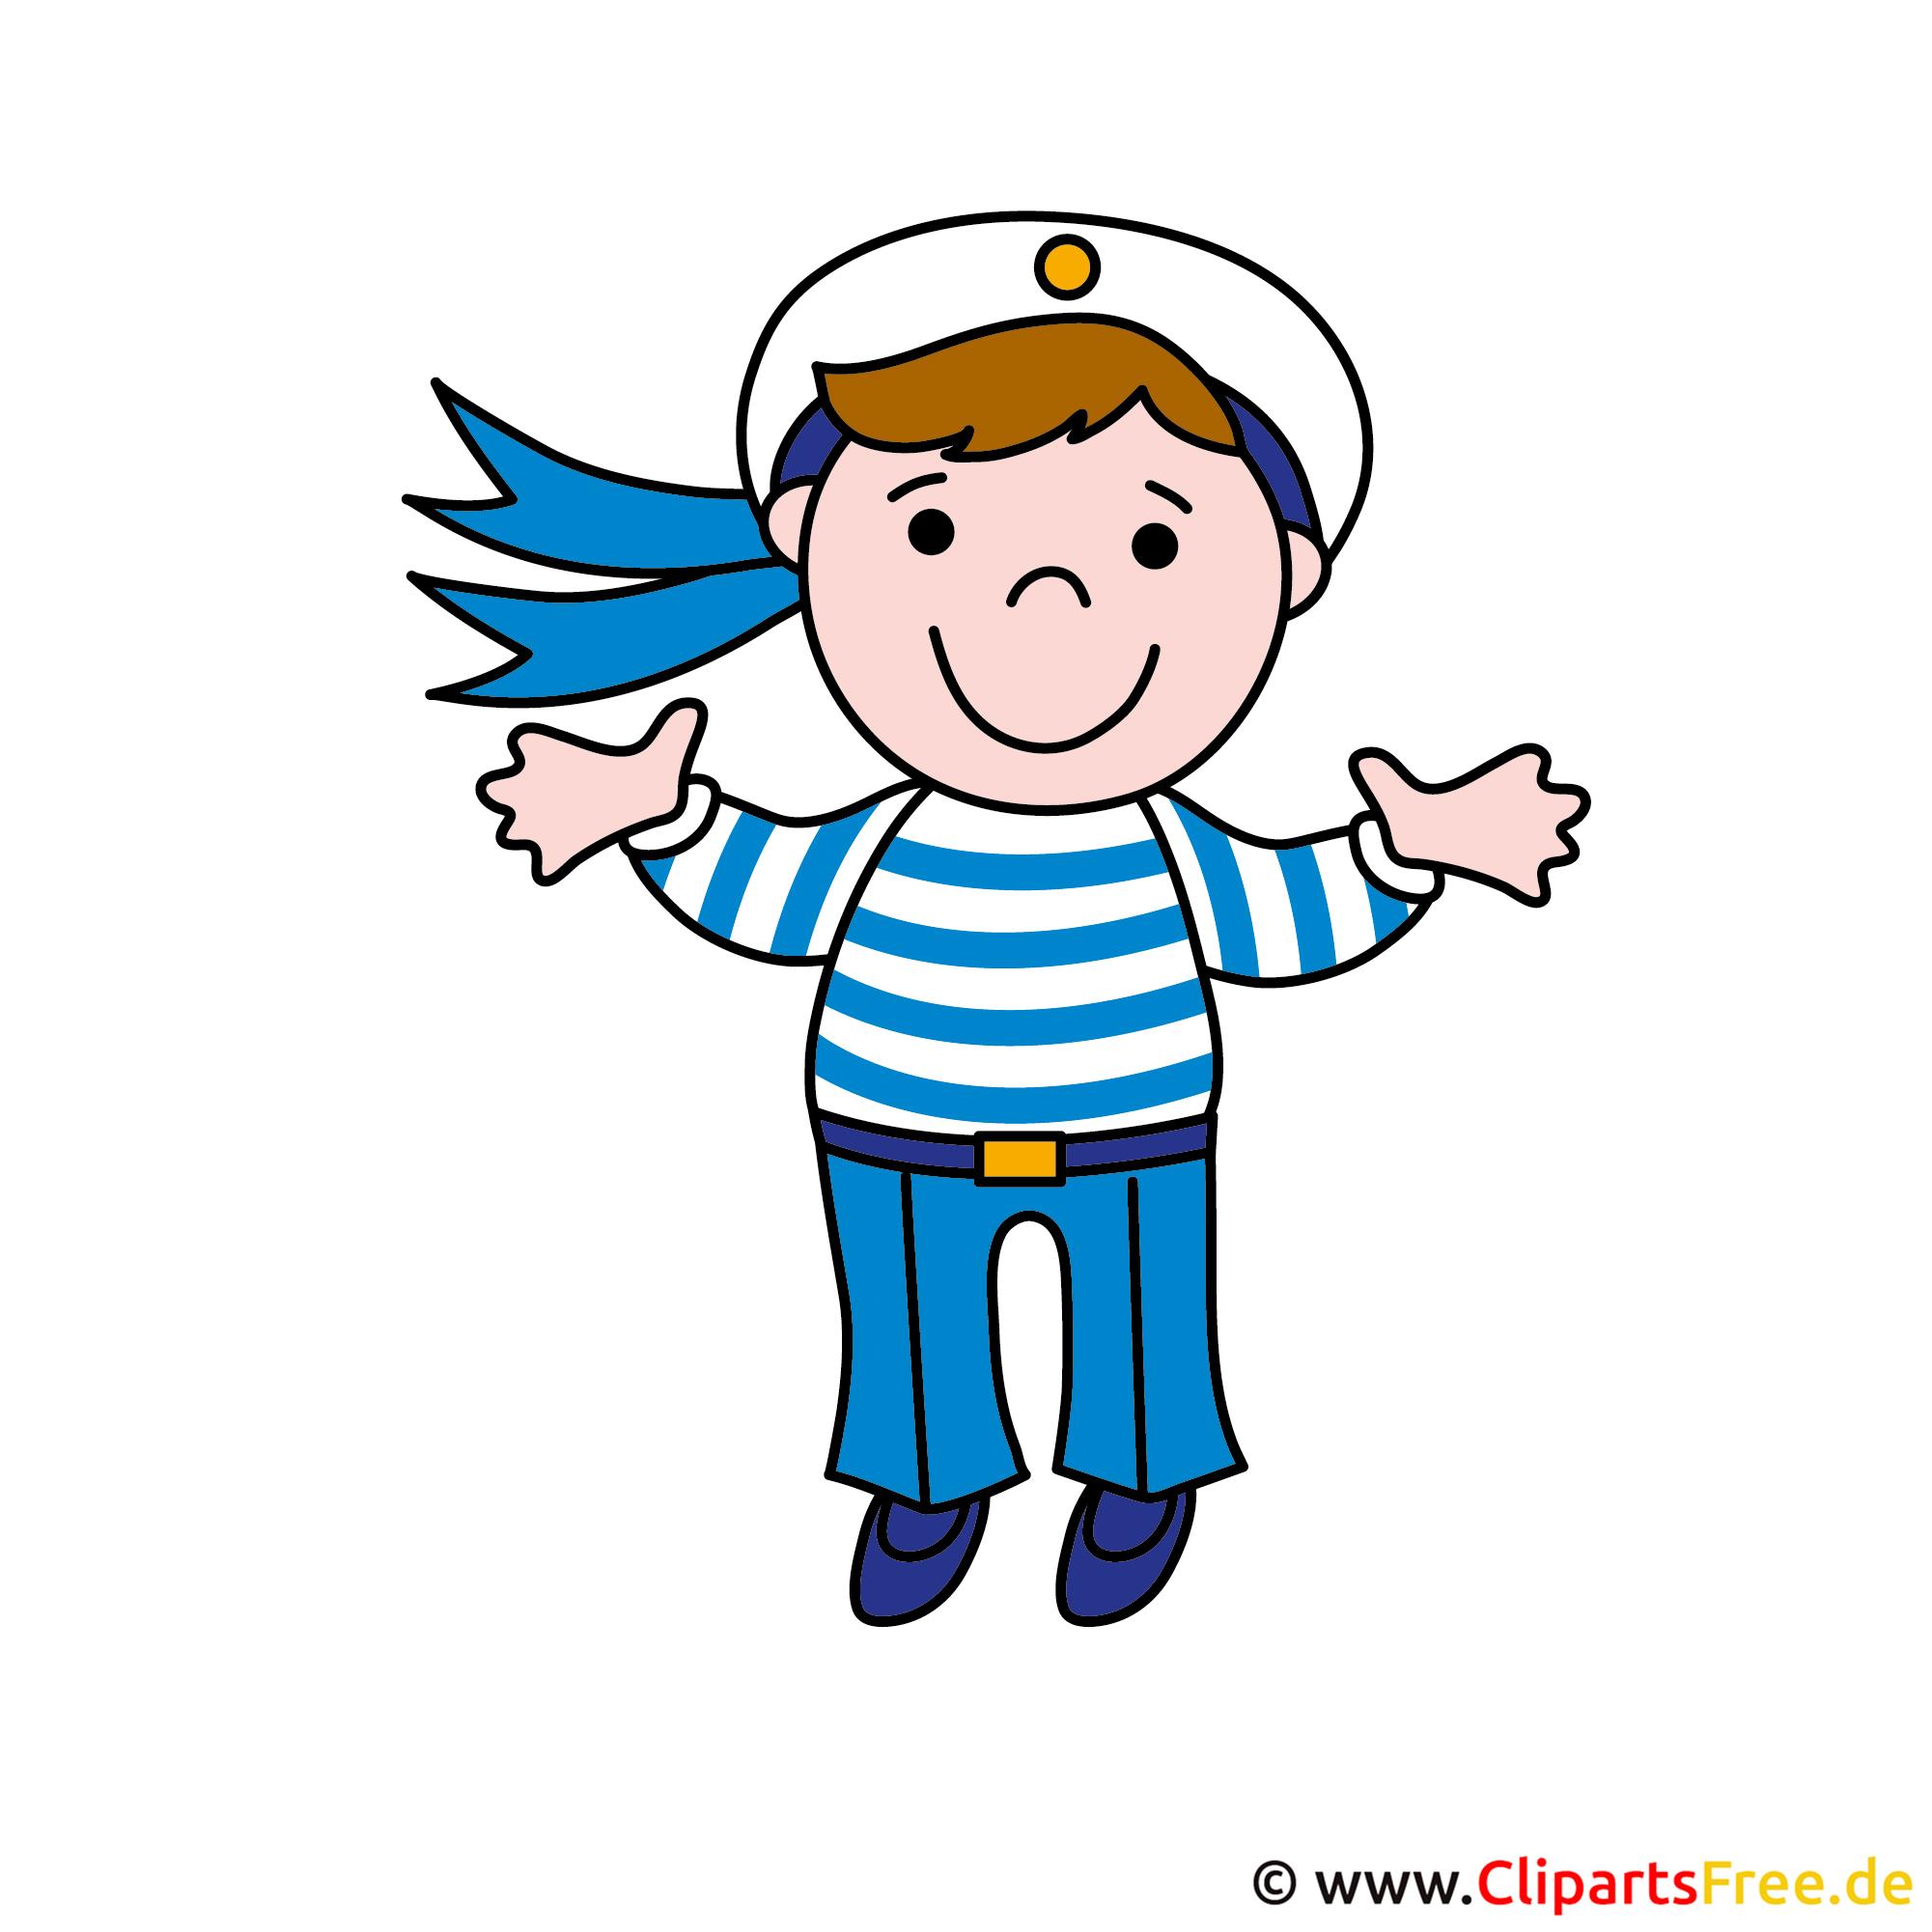 Картинка моряка для детей